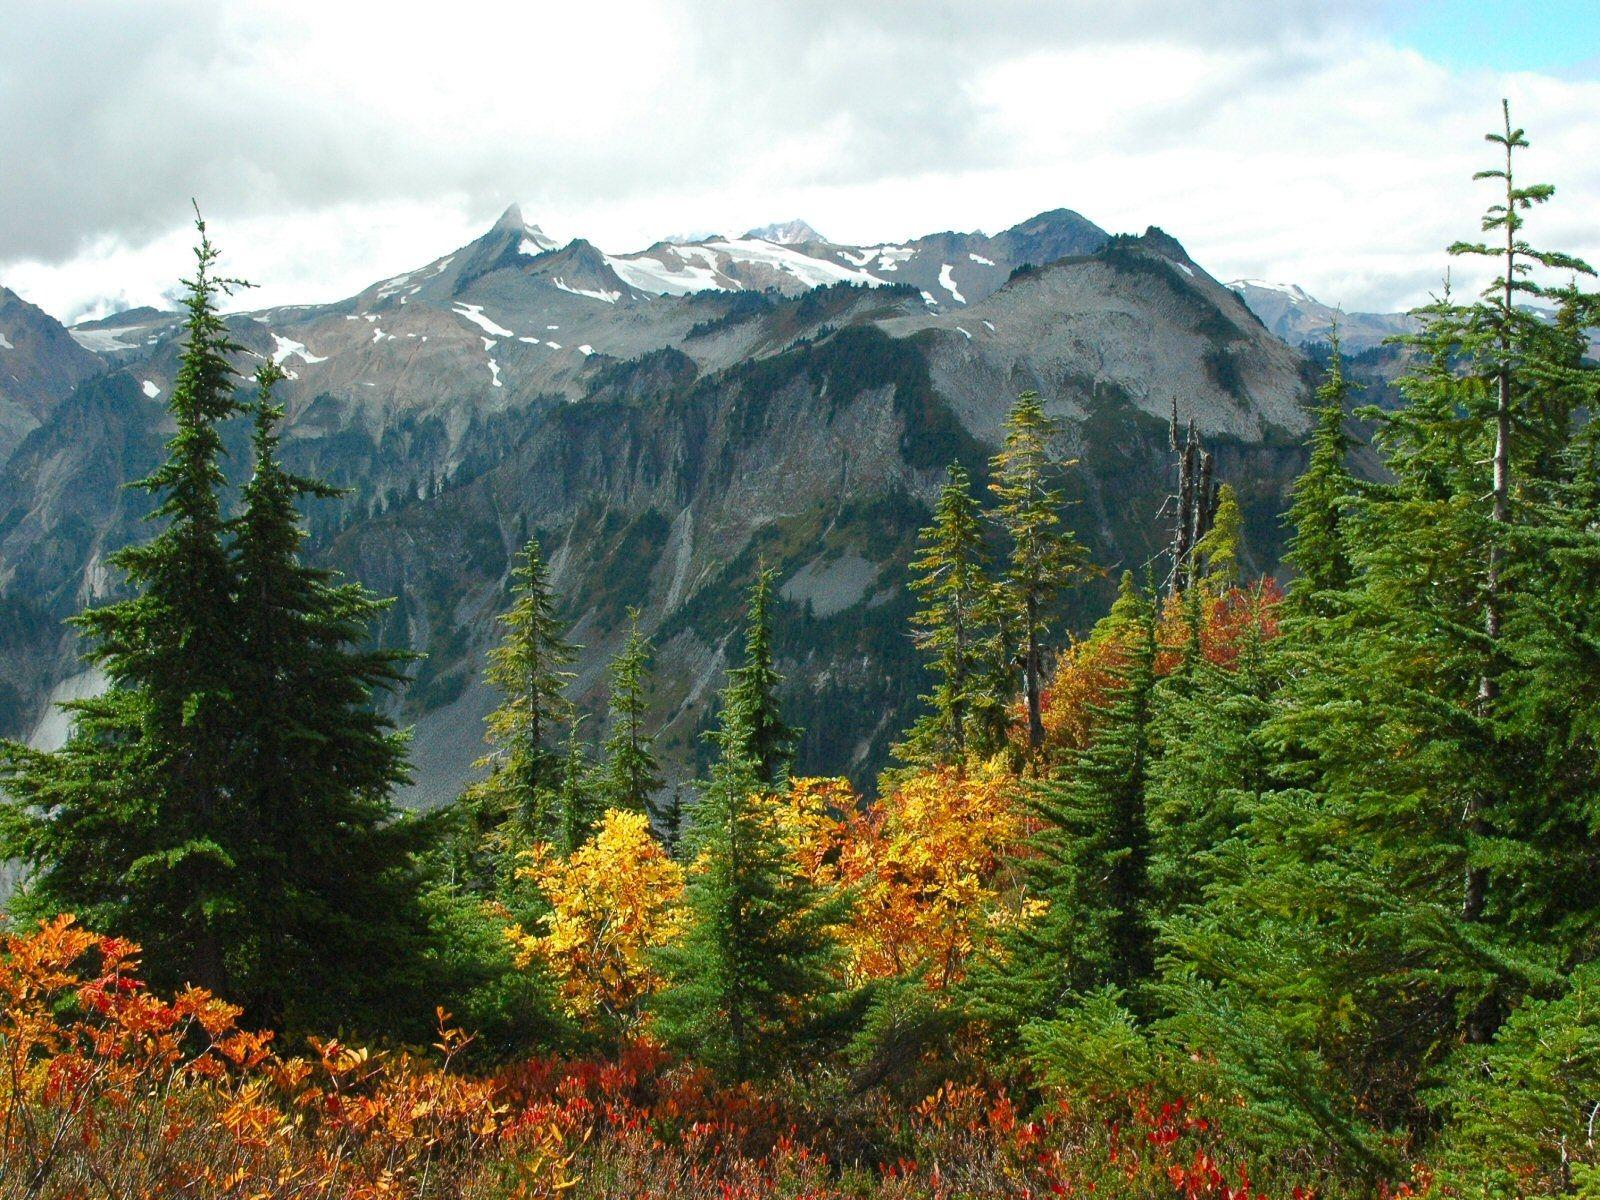 Картинки с лесом и горой